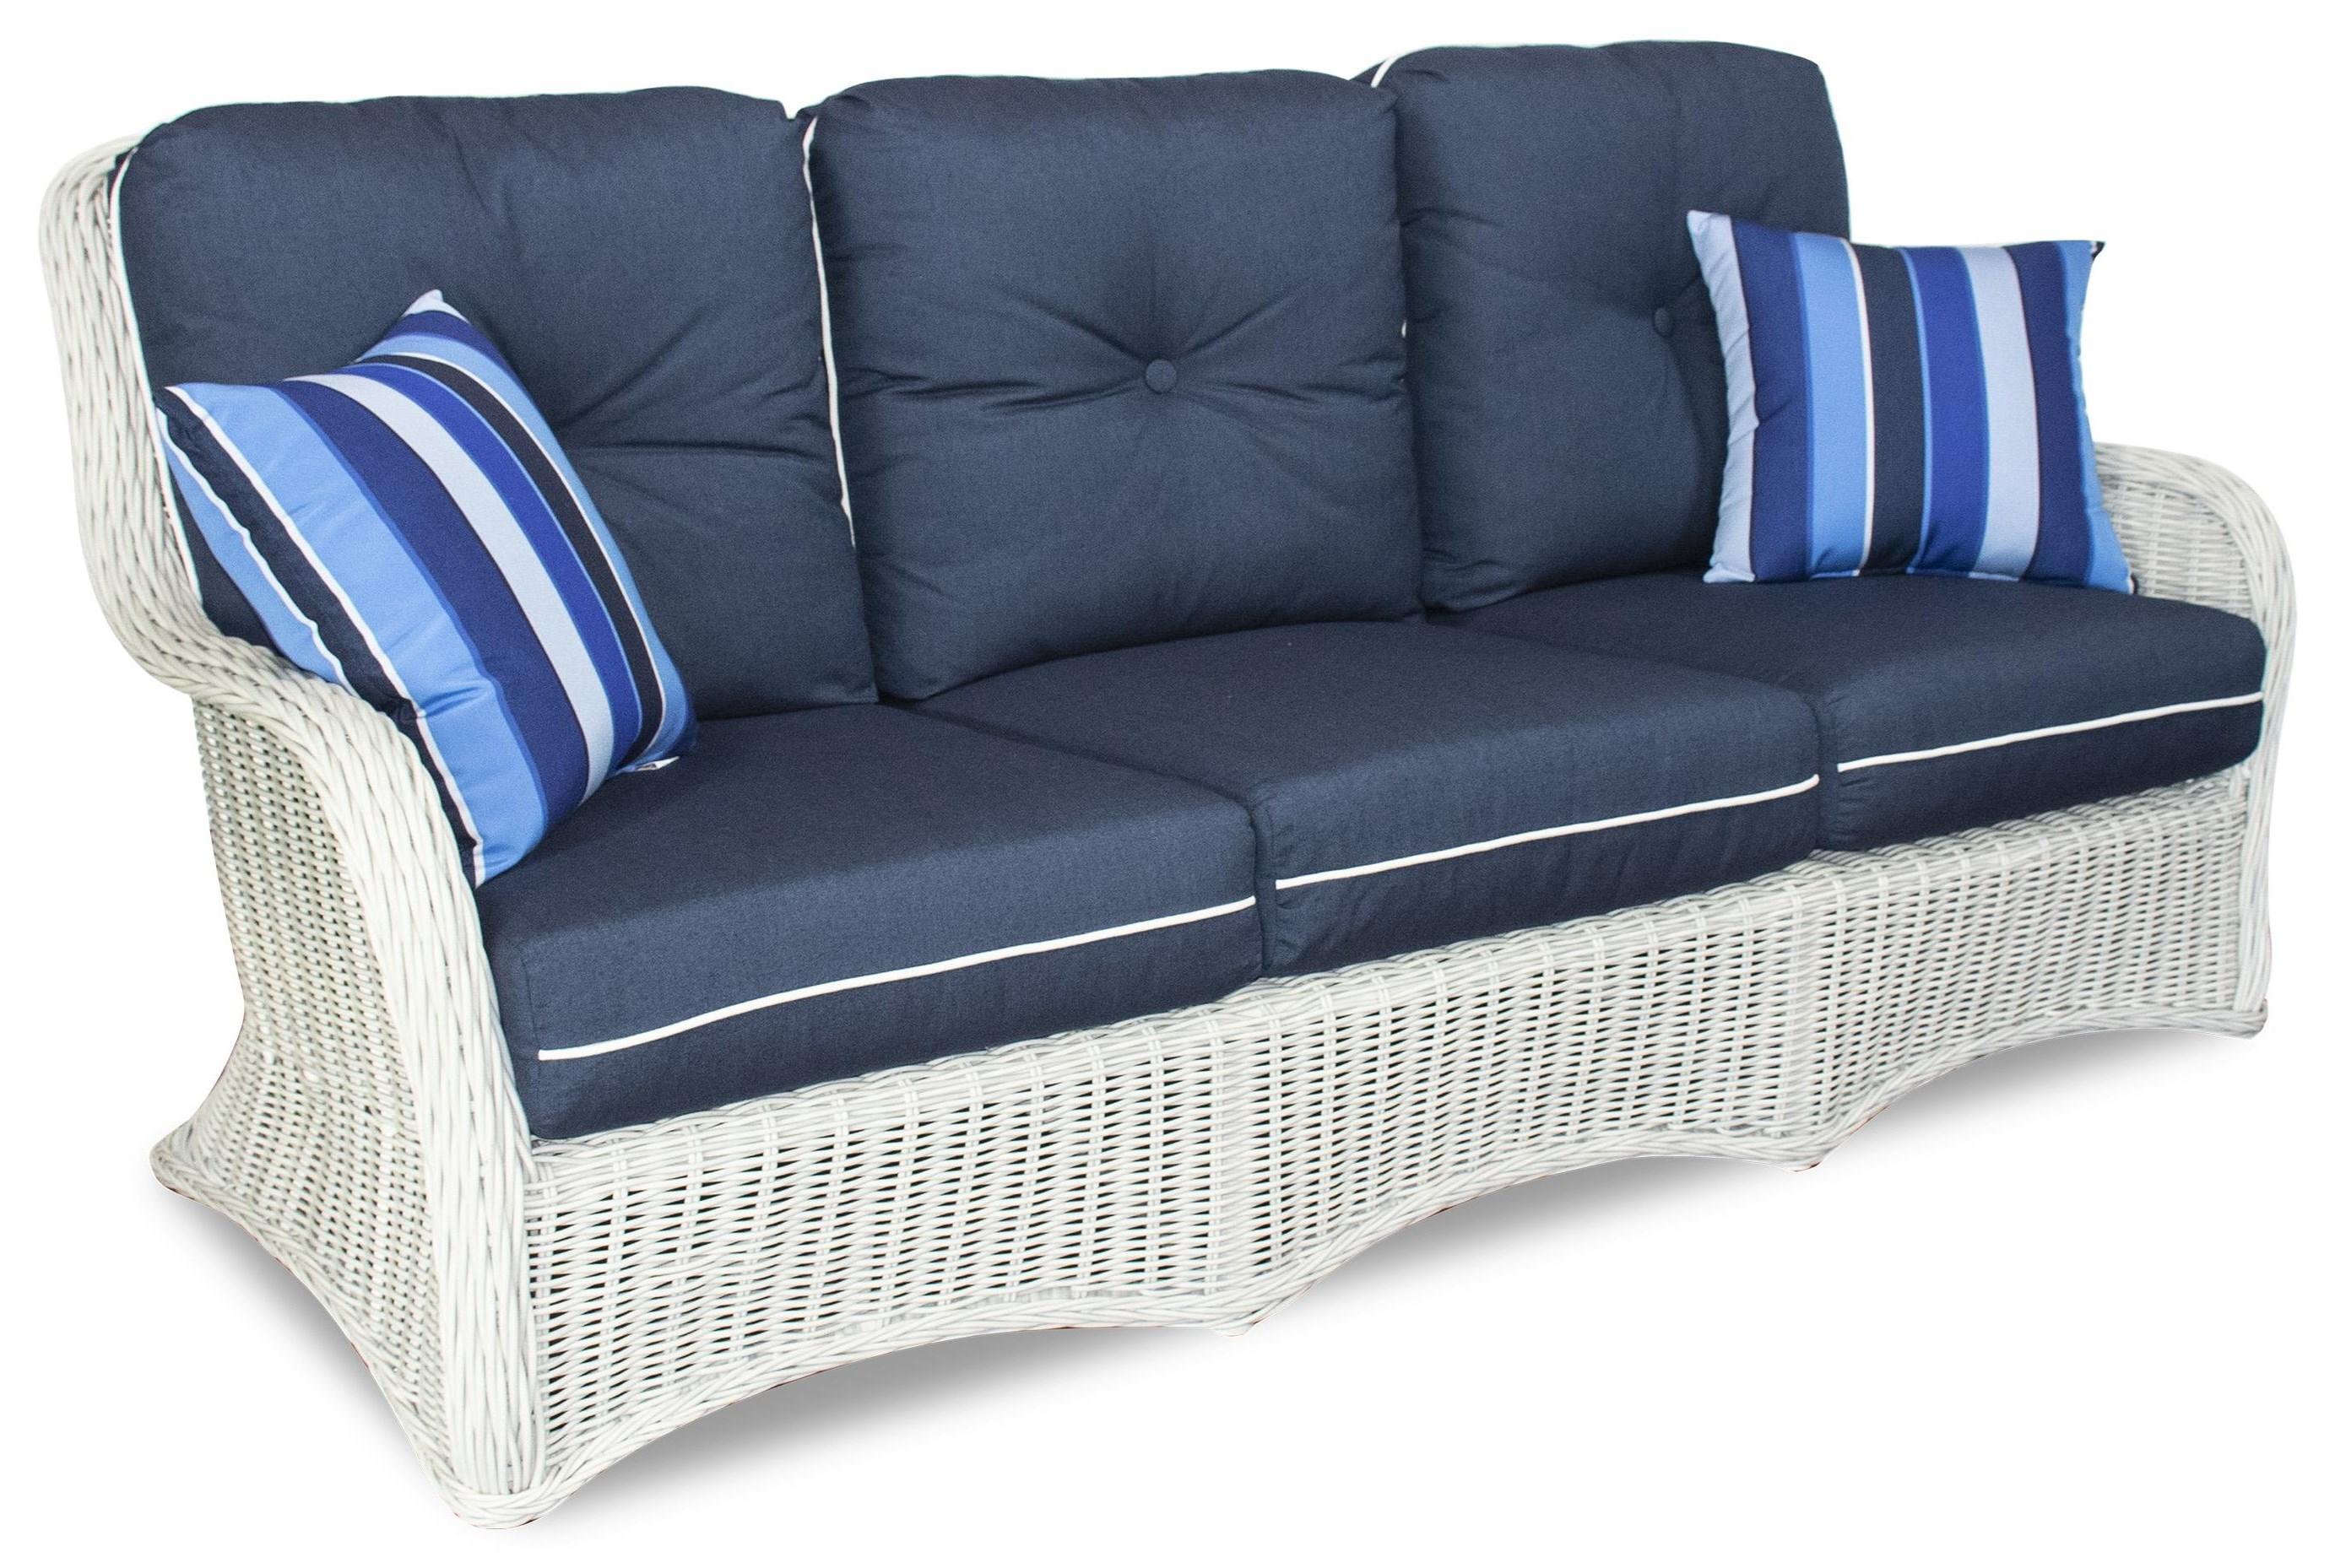 Dover Sofa by Prestige at Johnny Janosik